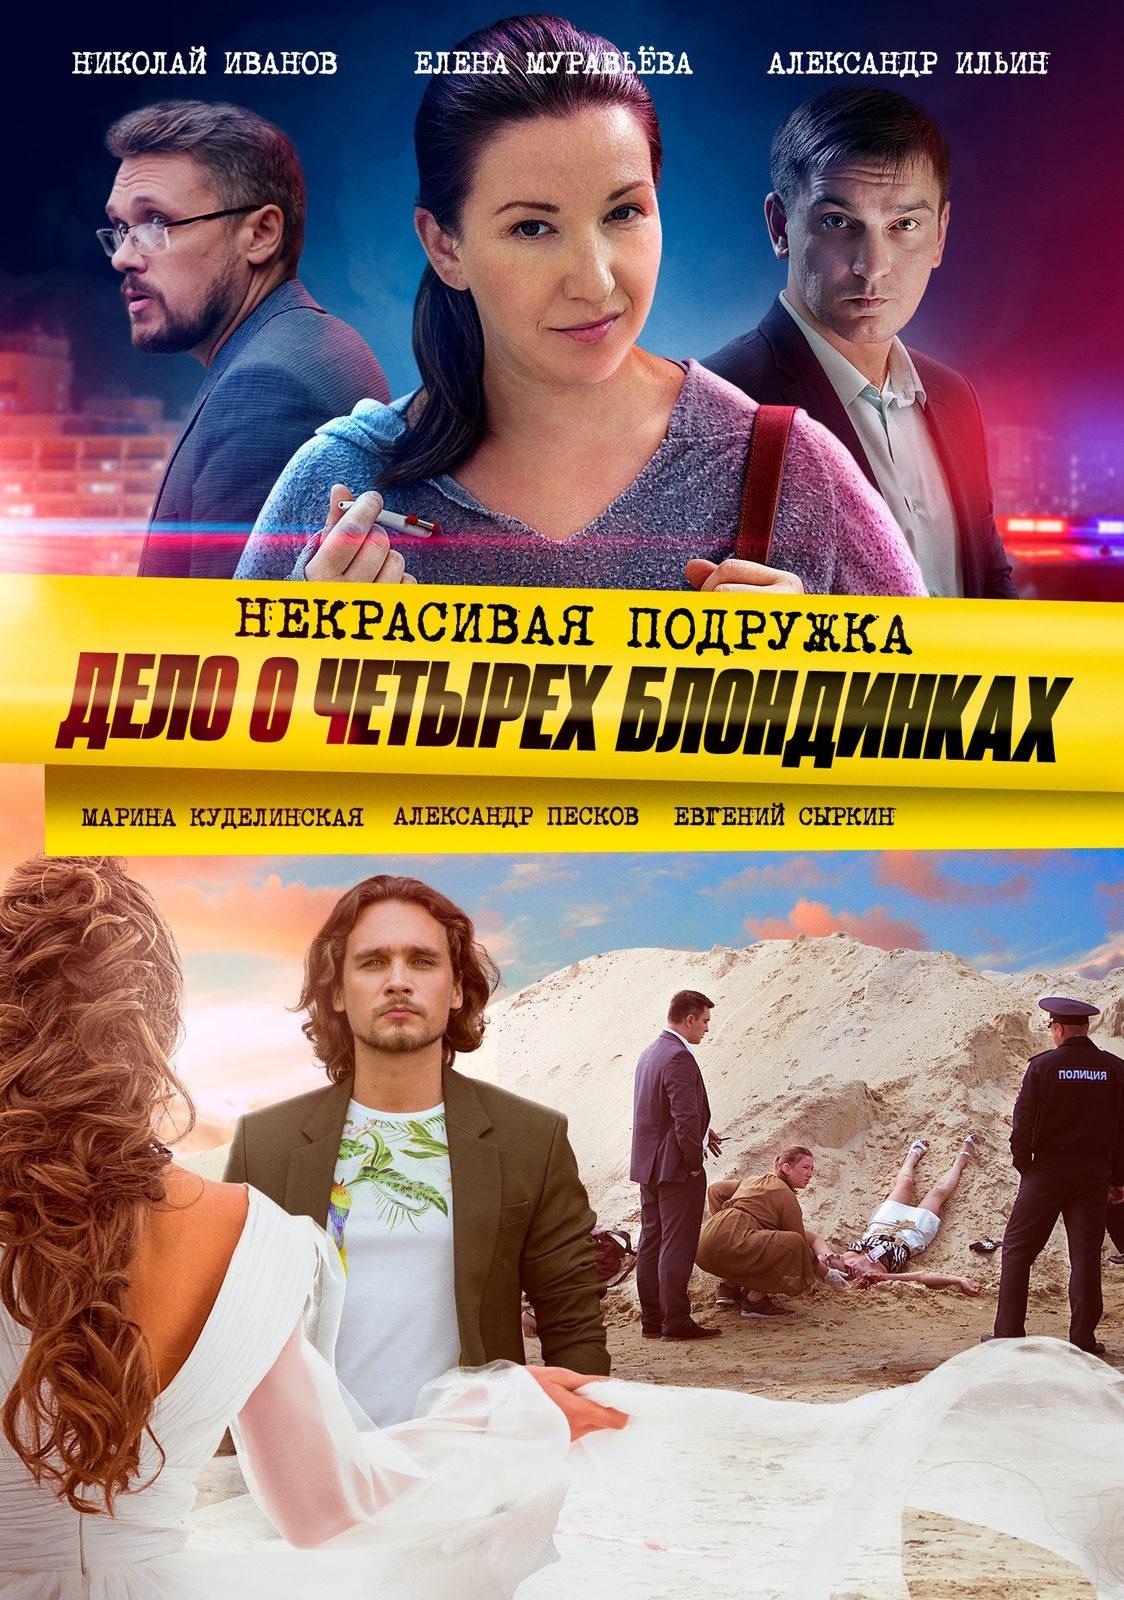 Детектив «Heкpacивaя пoдpyжкa 3.